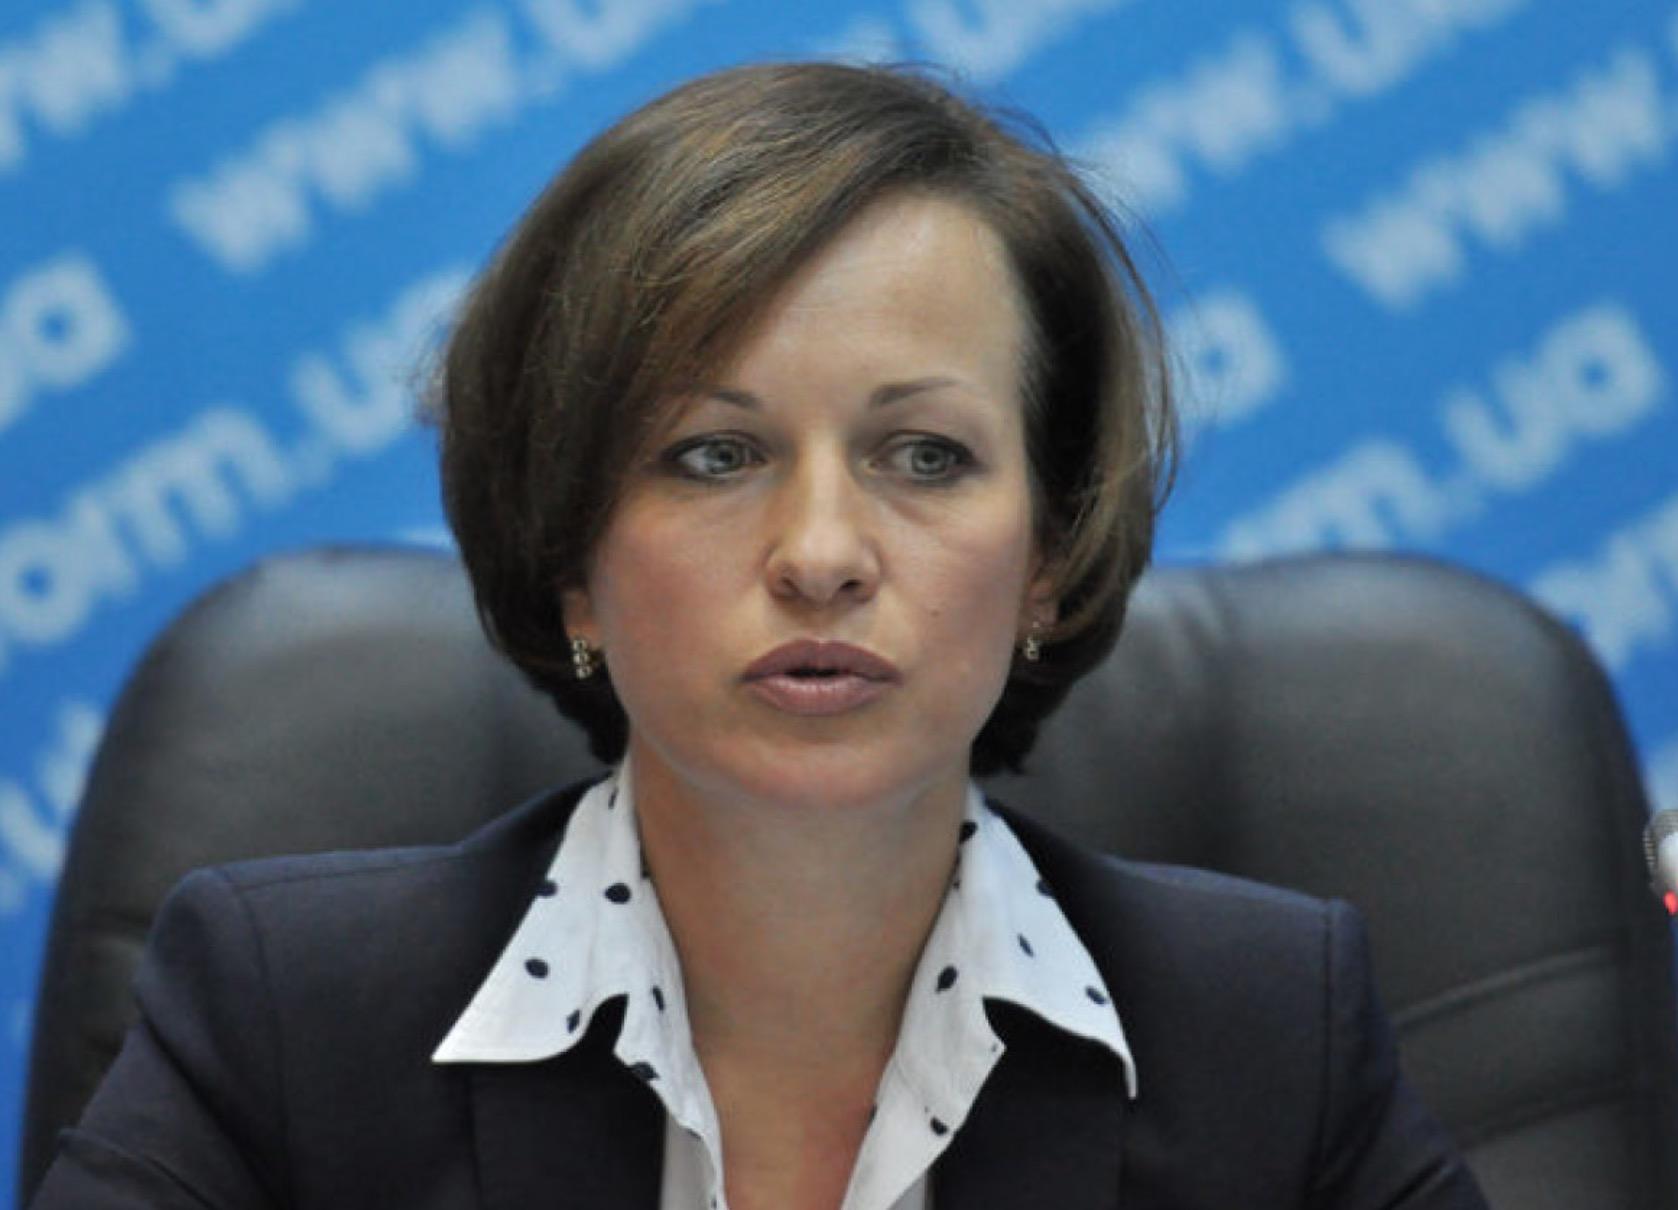 Лазебная Марина Владимировна (Лазебна Марина) - биография. Фото ...